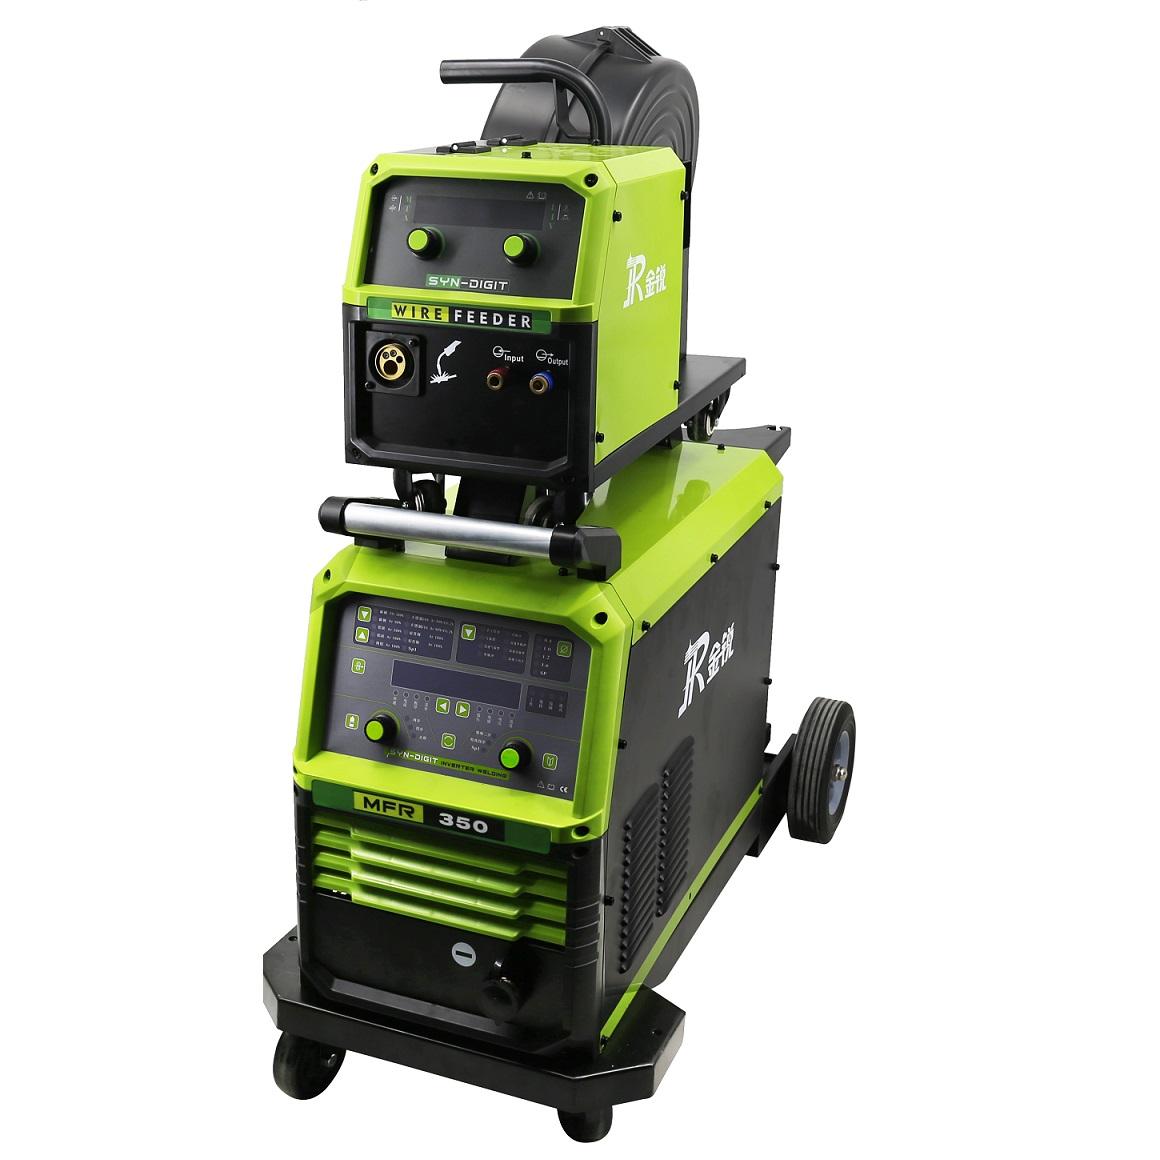 金锐MFR-350数字化双脉冲气保焊机自动送丝铝焊机